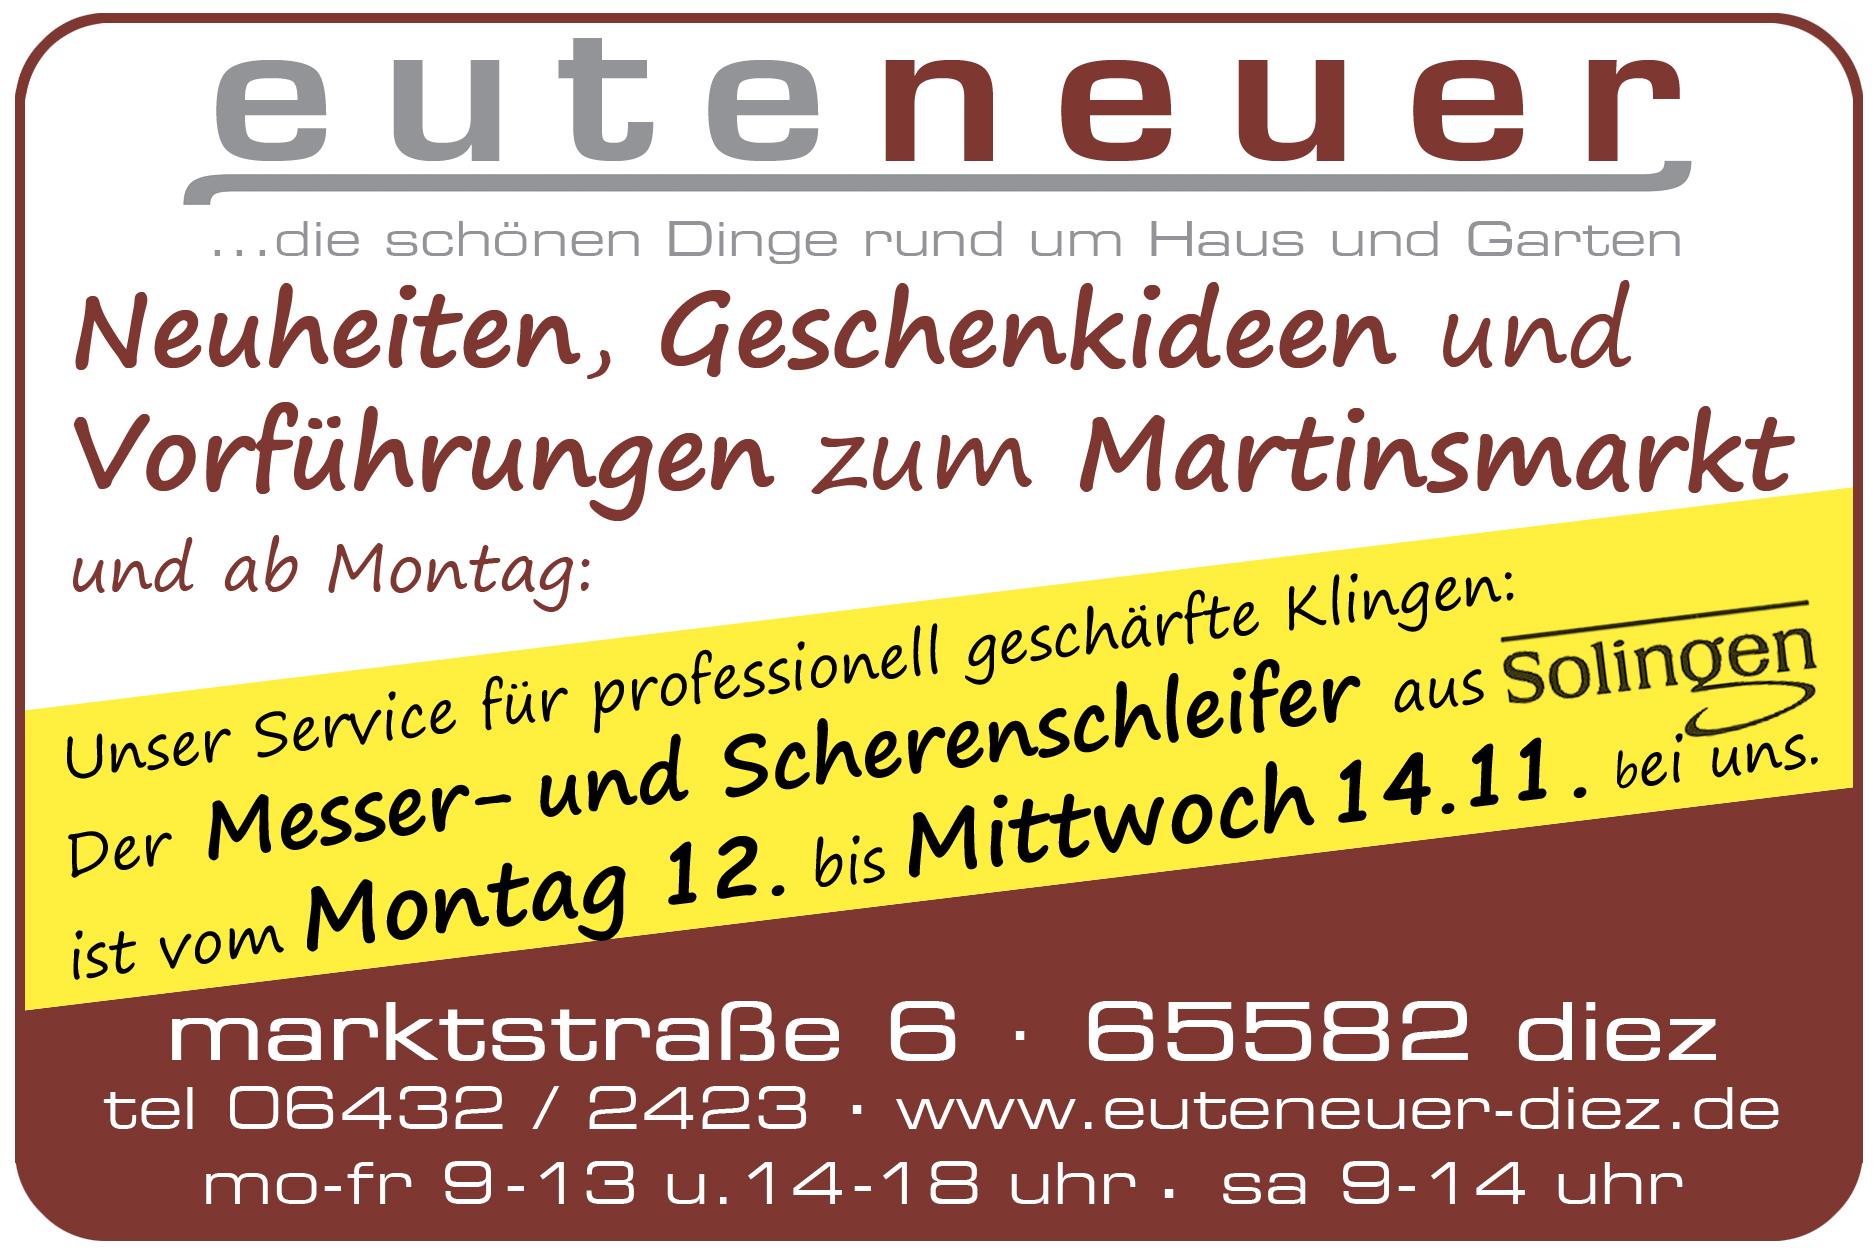 Martinsmarkt u Messerschleifer gerade Schrift 6x9cm.jpg